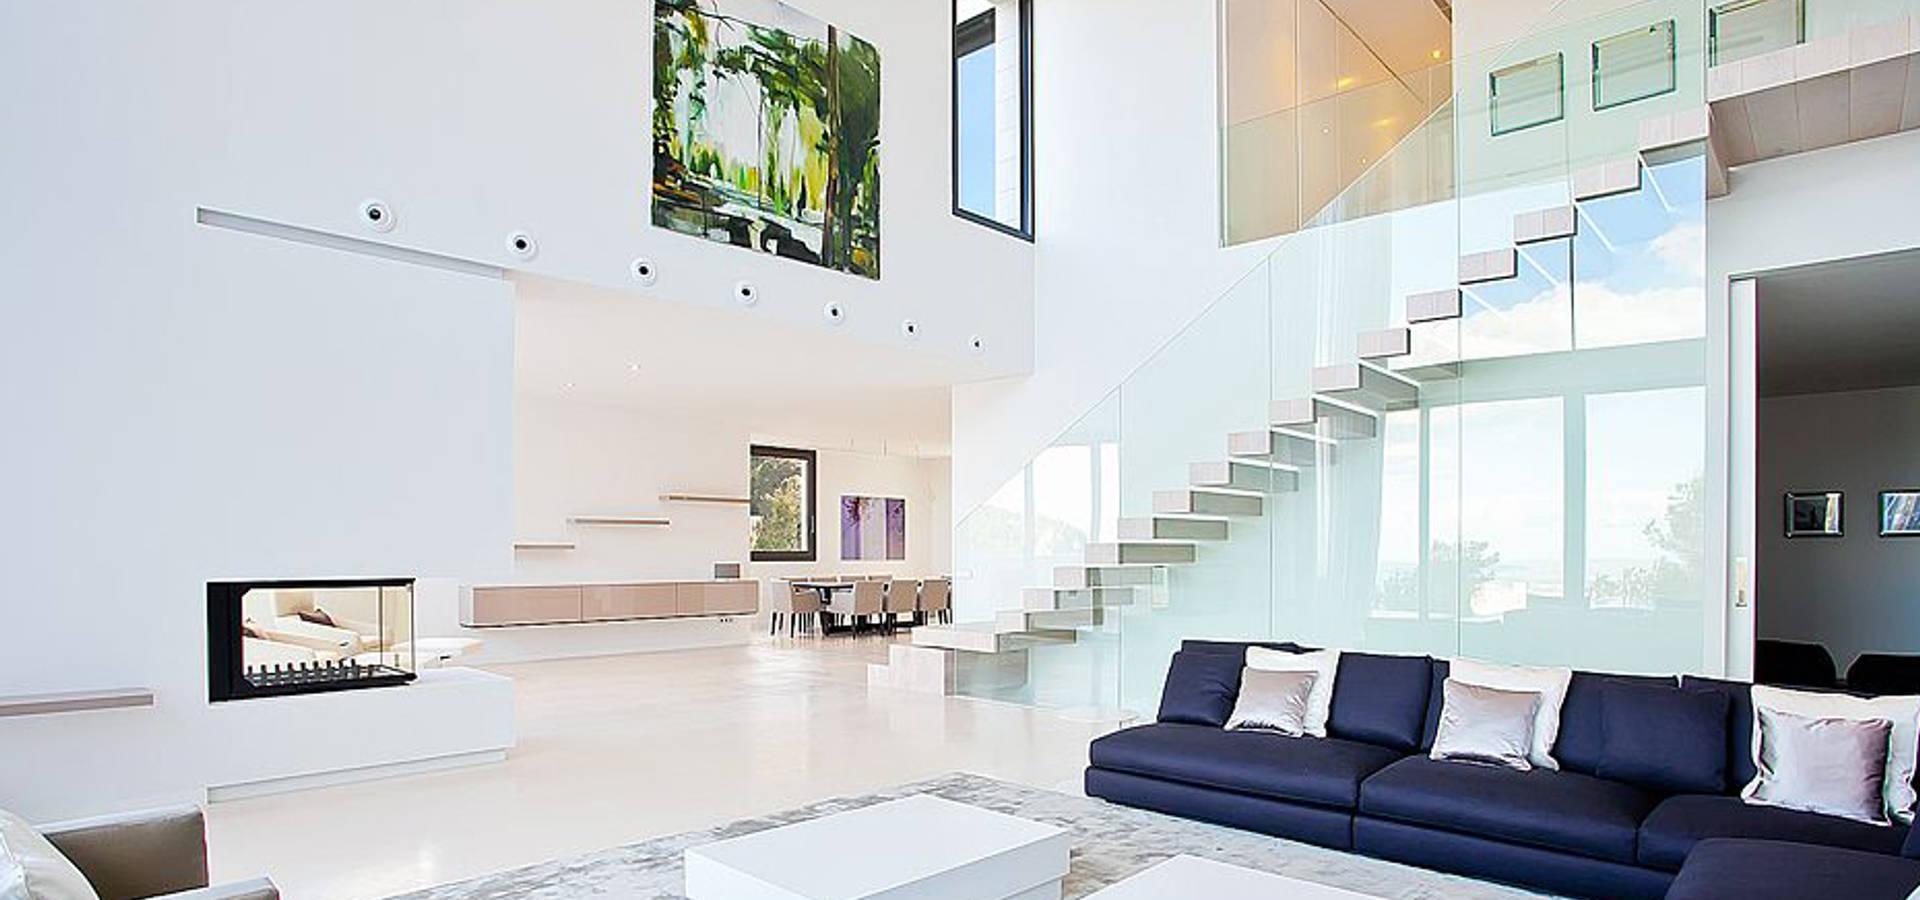 Concepto proyectos de arquitectura casa infinity homify for Concepto de arquitectura